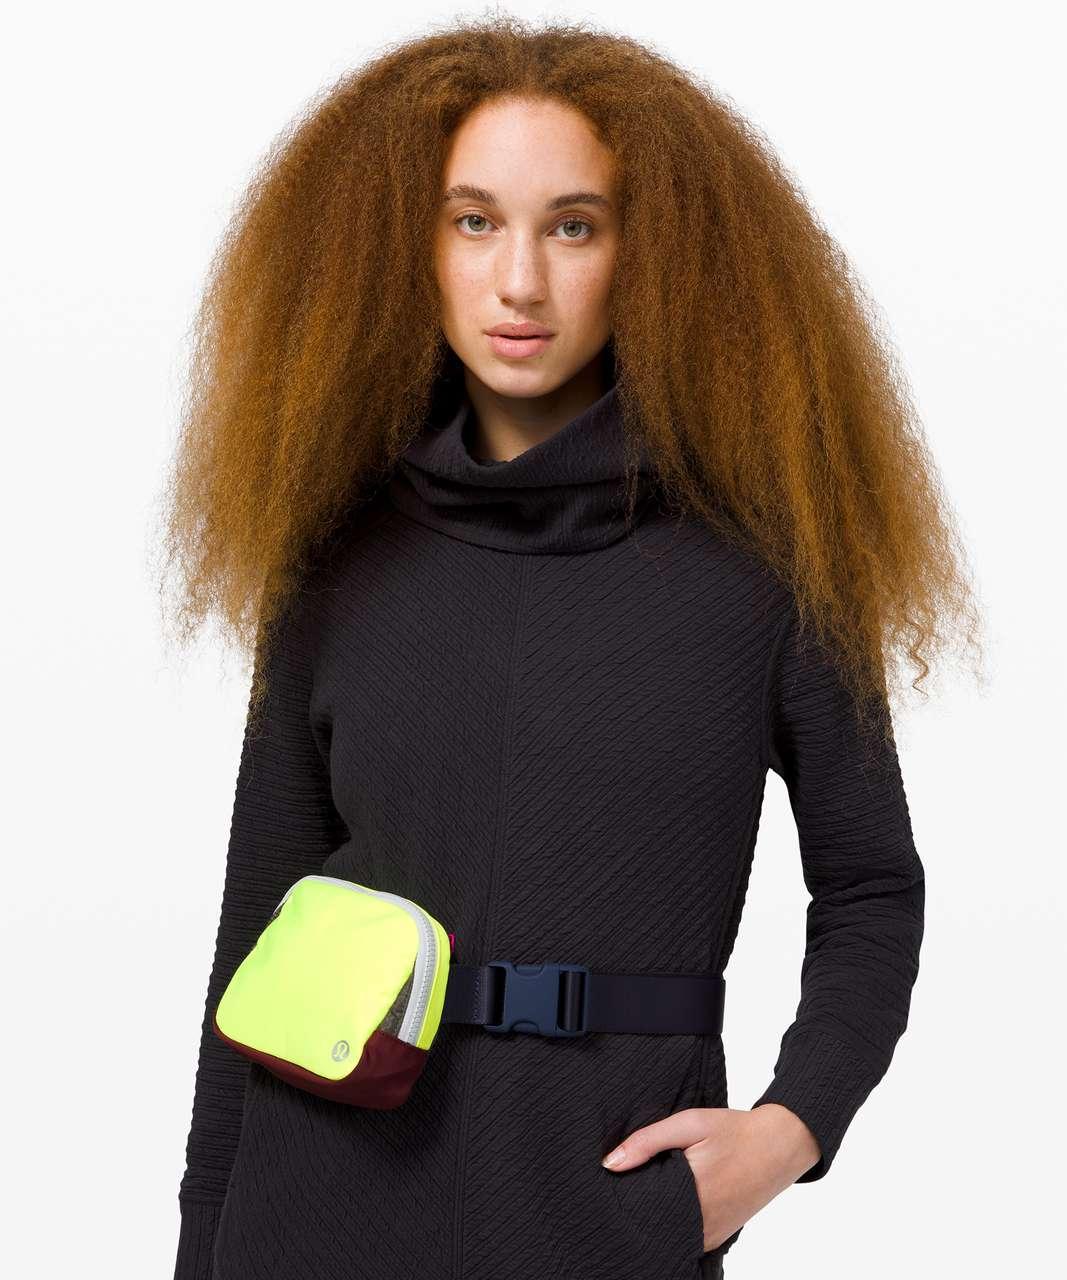 Lululemon Everywhere Belt Bag *1L - Highlight Yellow / Savannah / Army Green